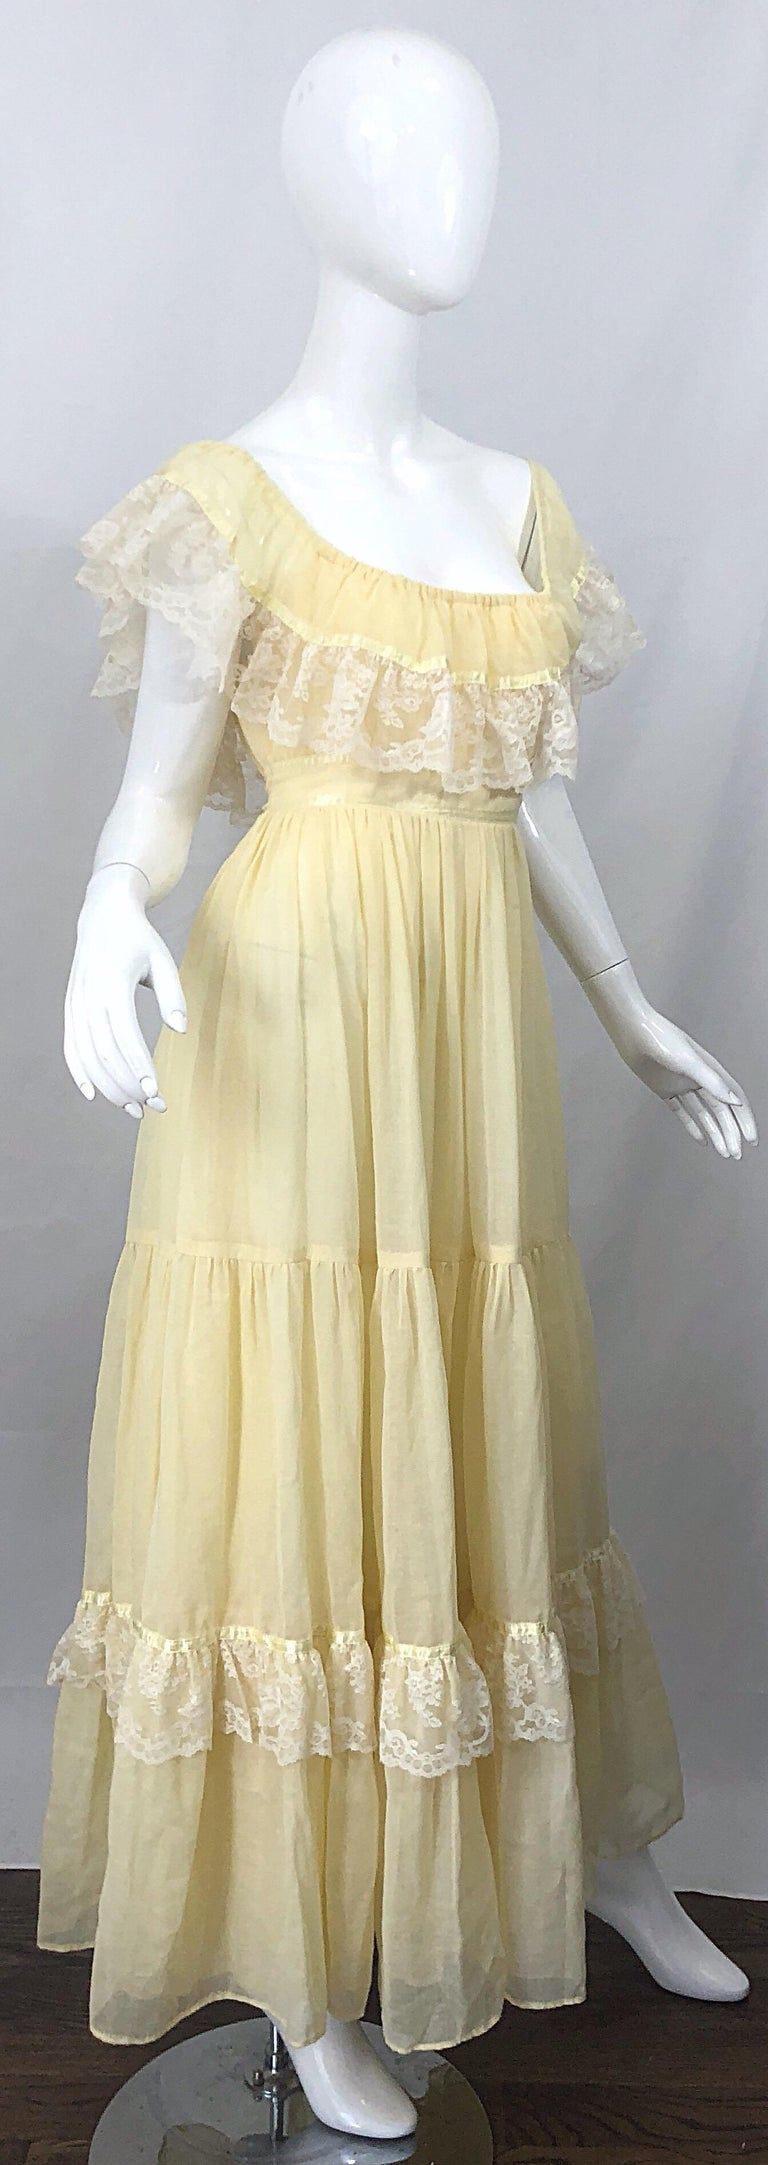 Women's 1970s Pale Light Yellow Cotton Voile + Lace Vintage Boho 70s Maxi Dress For Sale